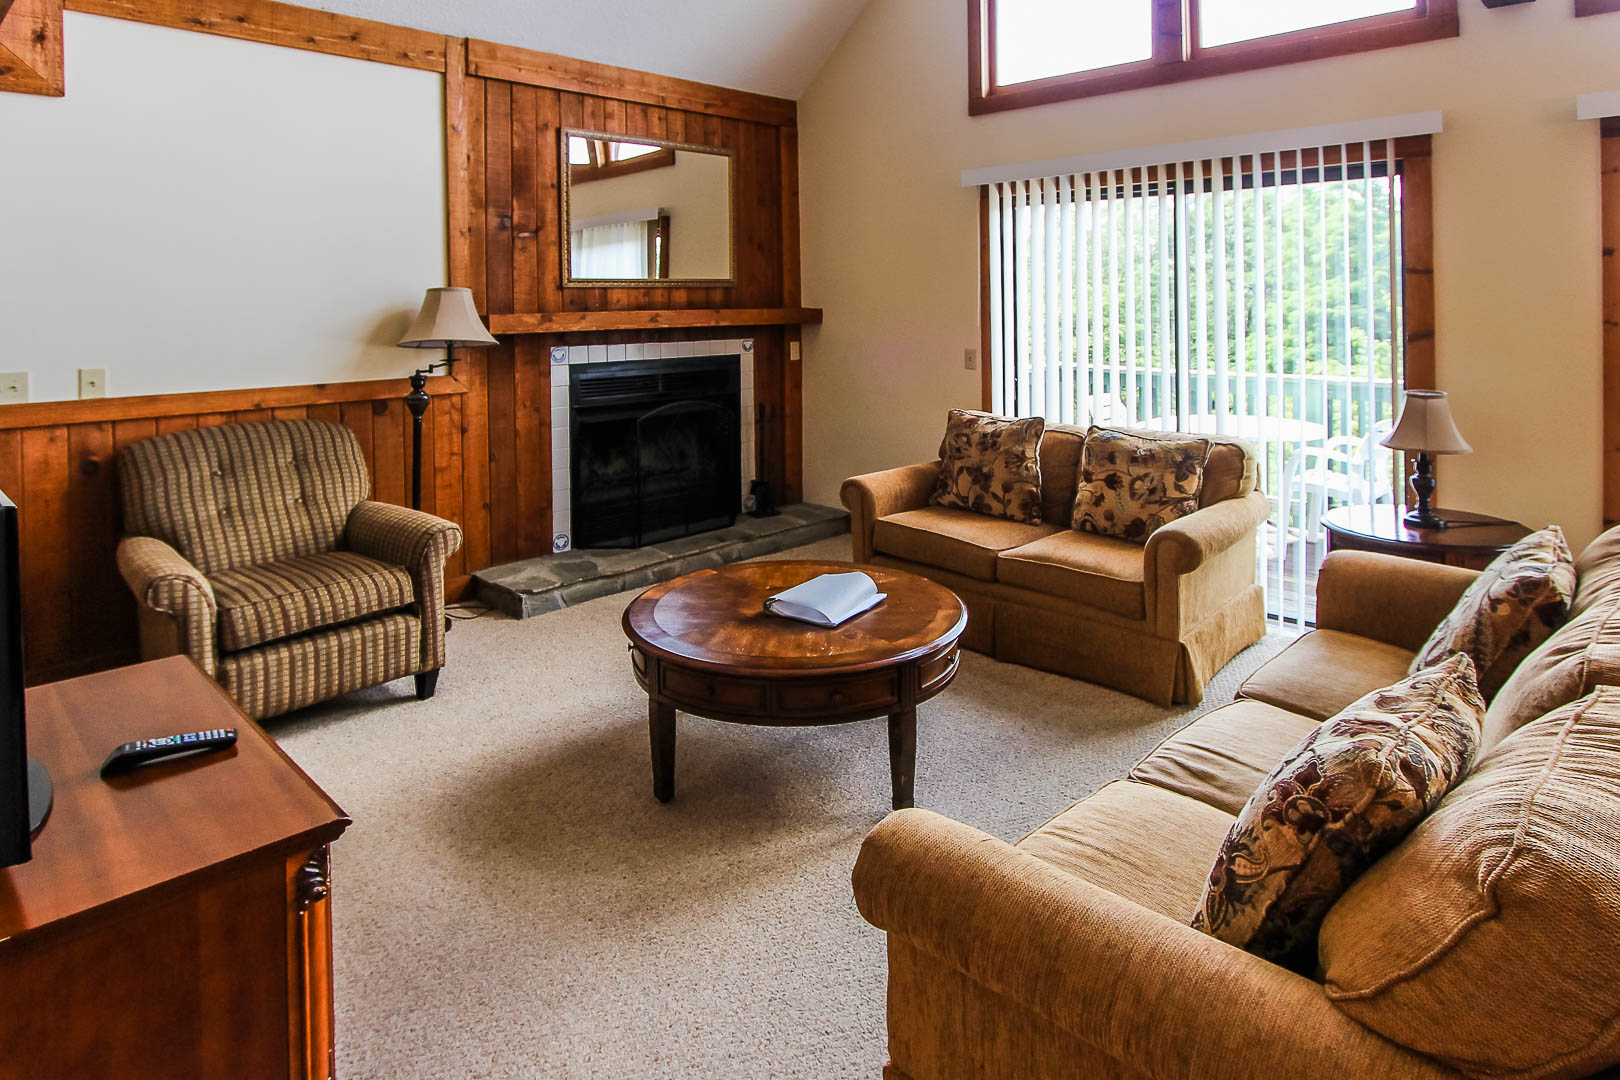 A cozy living room area at VRI's Alpine Crest Resort in Georgia.